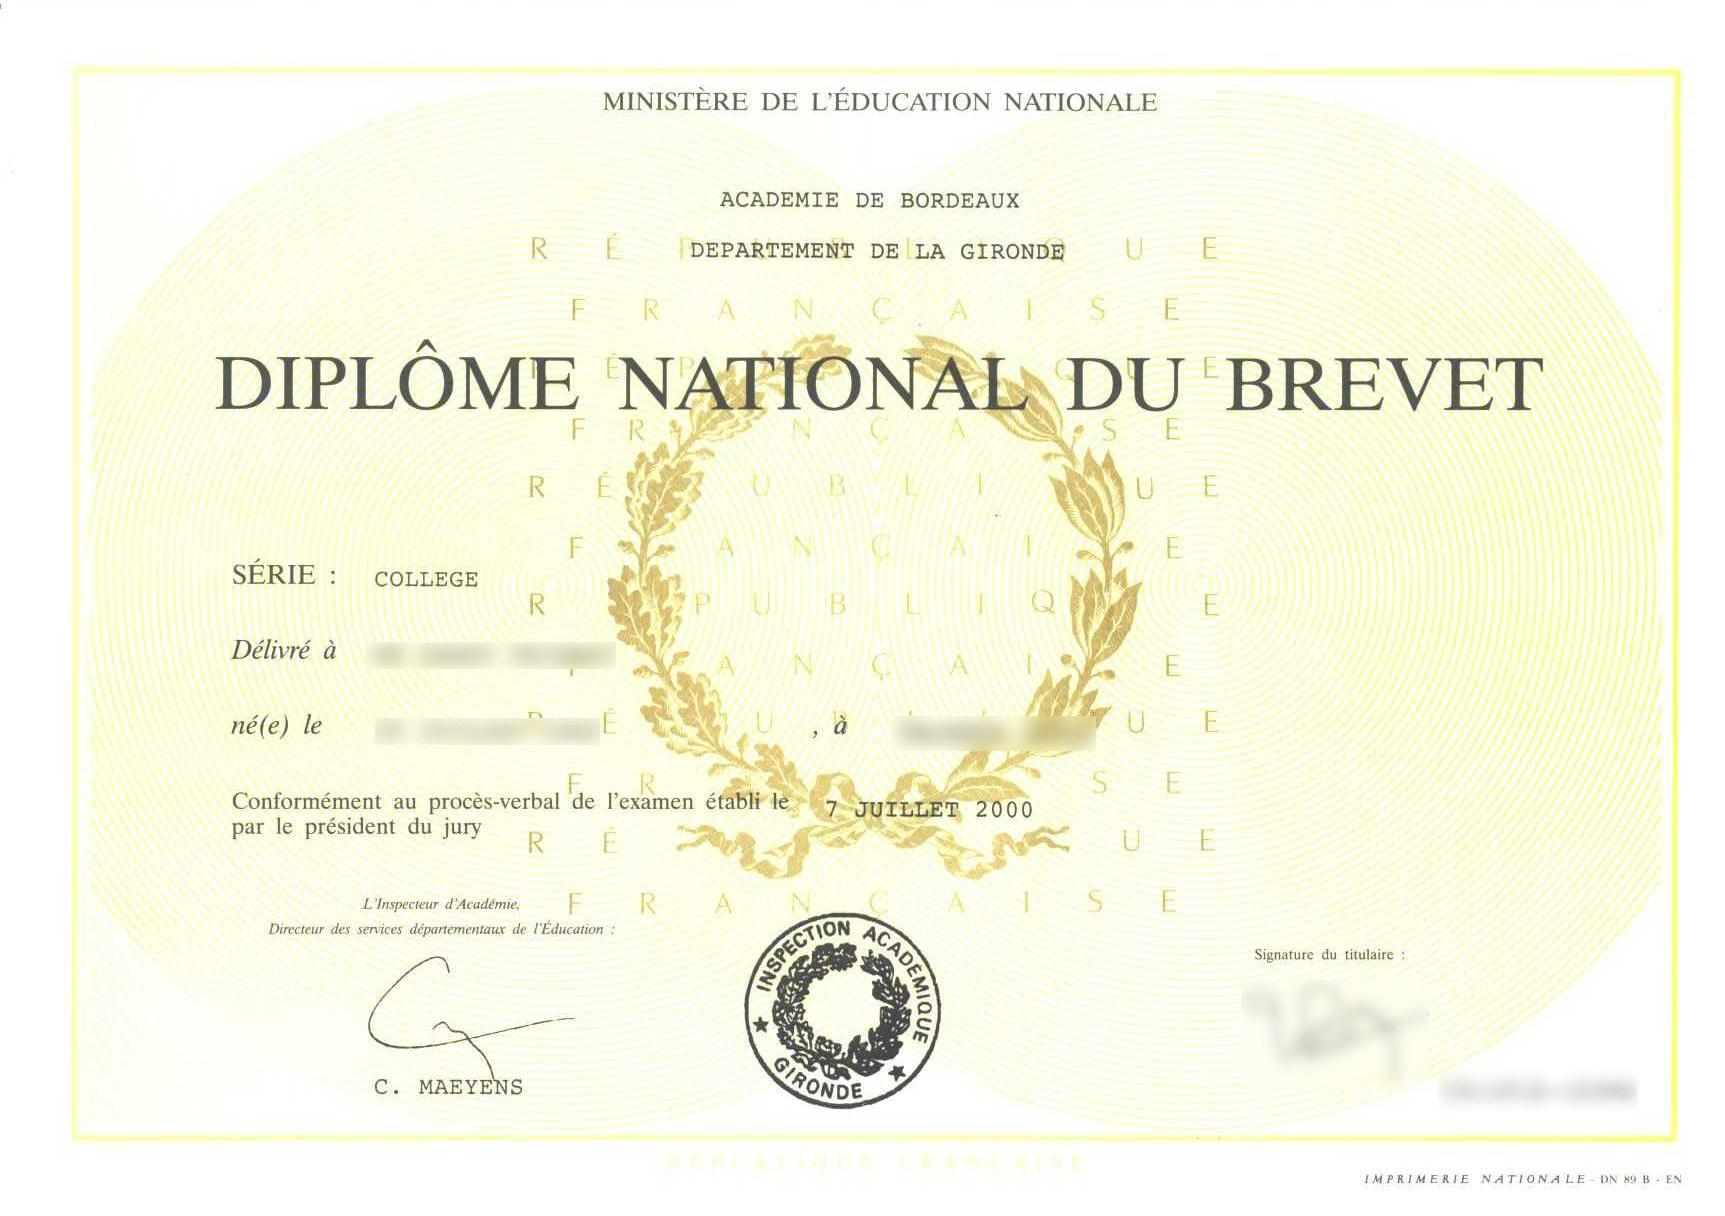 Programme de révisions : sujets de brevet en français